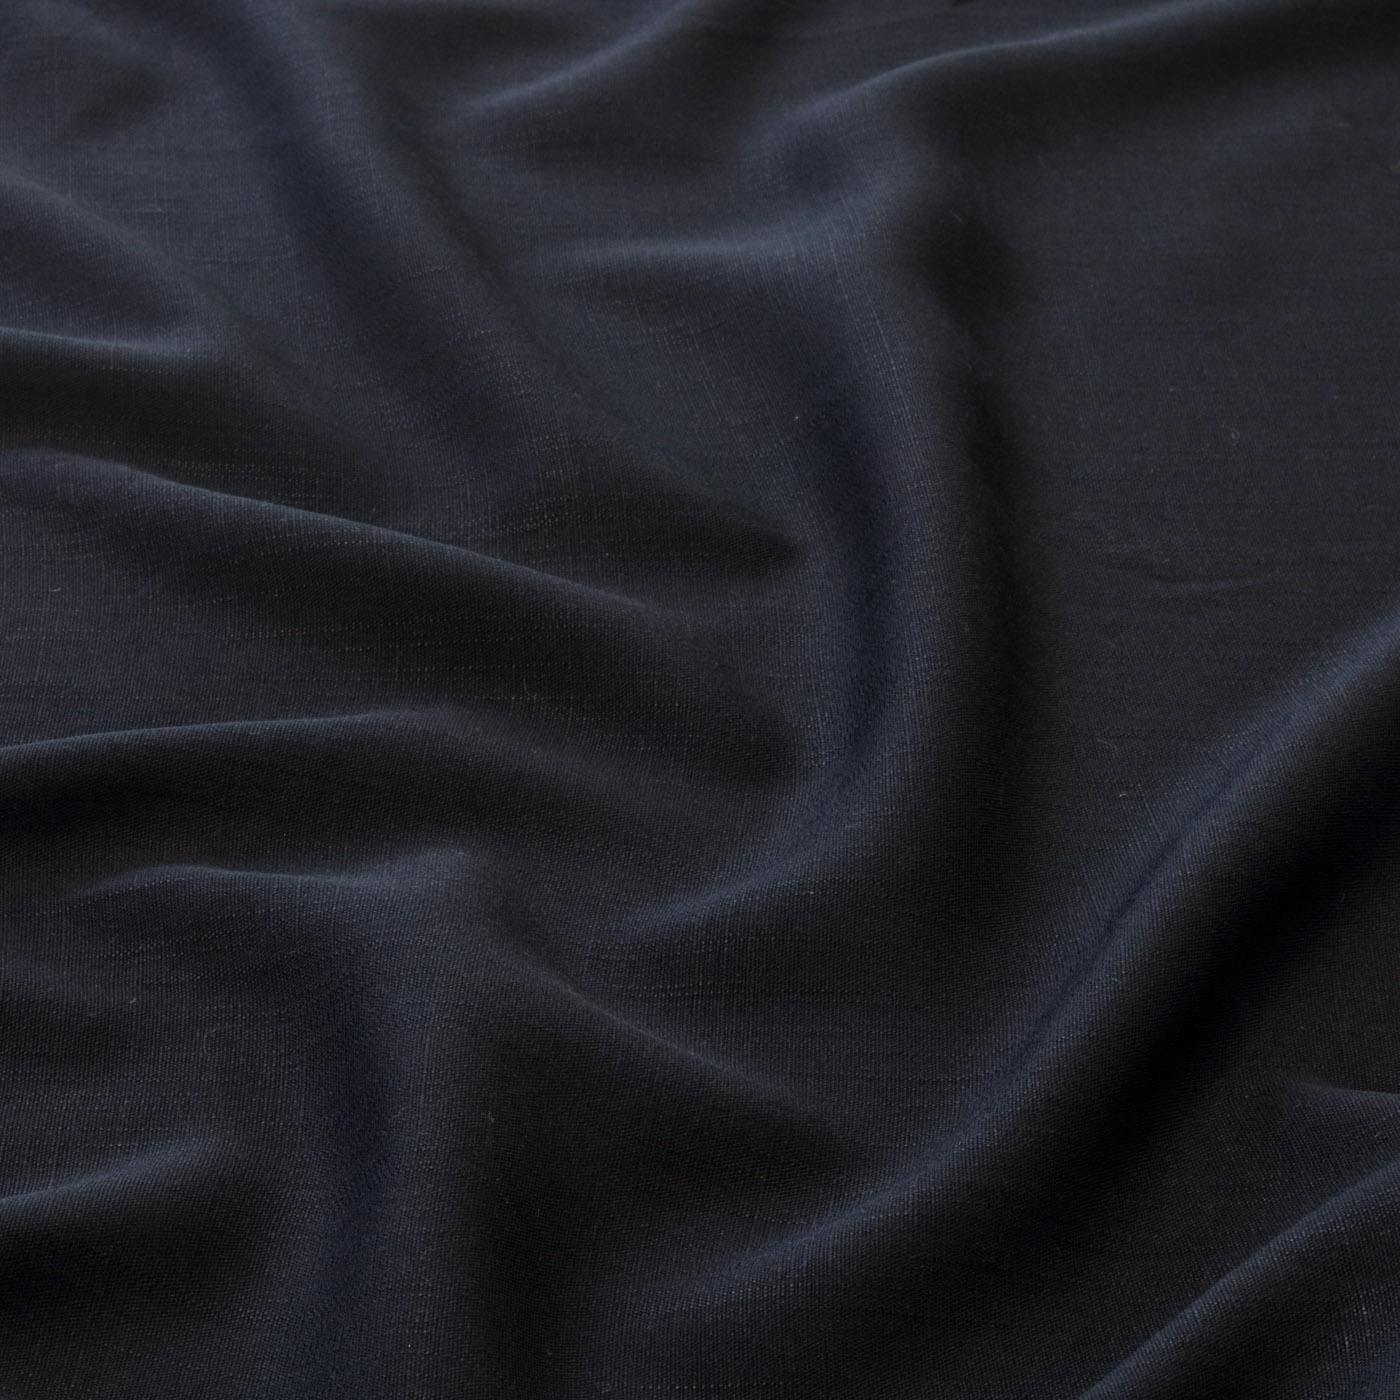 Tecido Viscolinho 1,50 largura 75% Viscose 25% Linho Preto